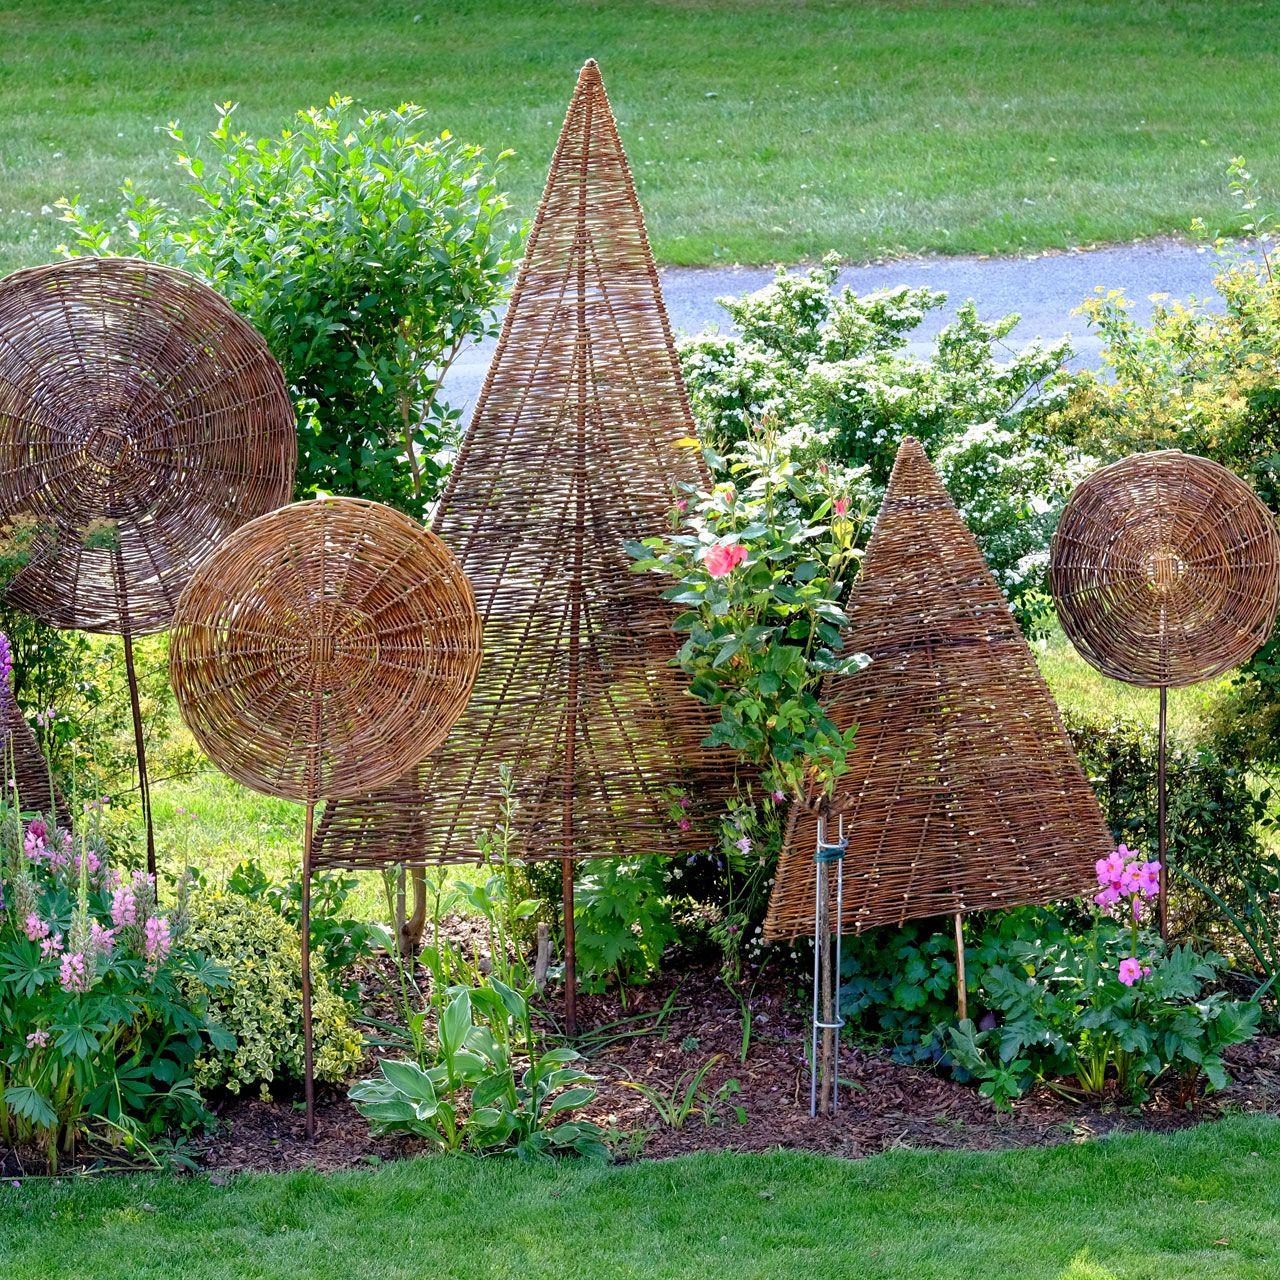 Sichtschutz Weidenbaum Tanne Natur Weidenbaum Sichtschutz Weide Laubbaum